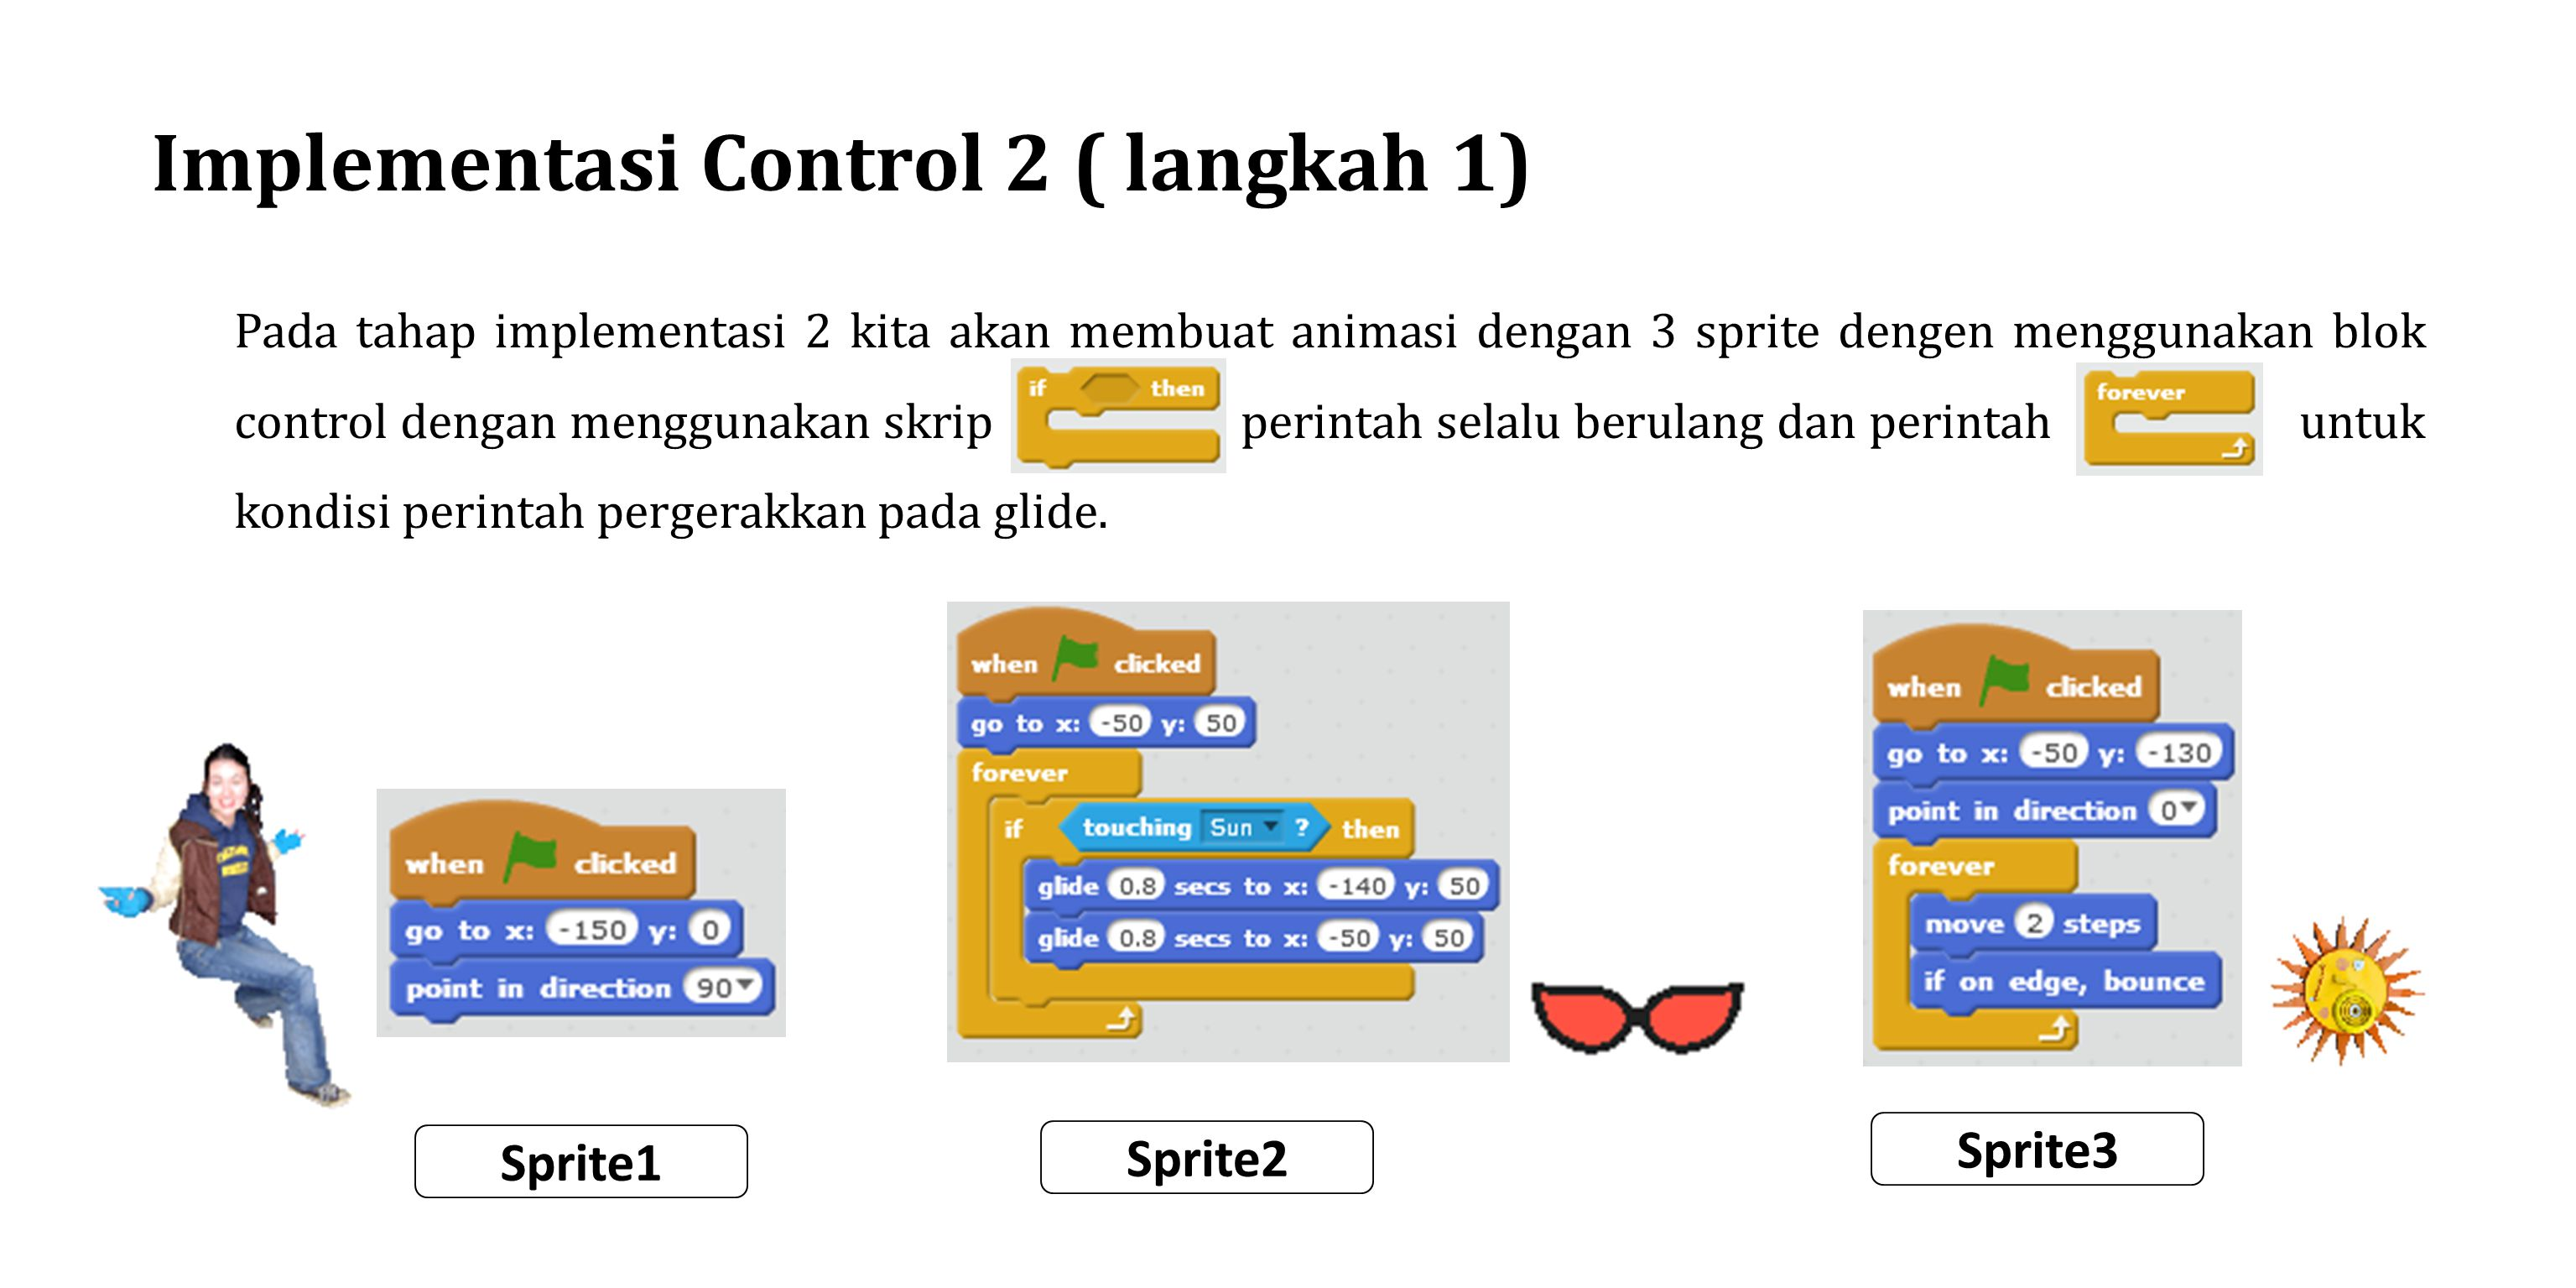 Implementasi Control 2 ( langkah 1) Pada tahap implementasi 2 kita akan membuat animasi dengan 3 sprite dengen menggunakan blok control dengan menggun